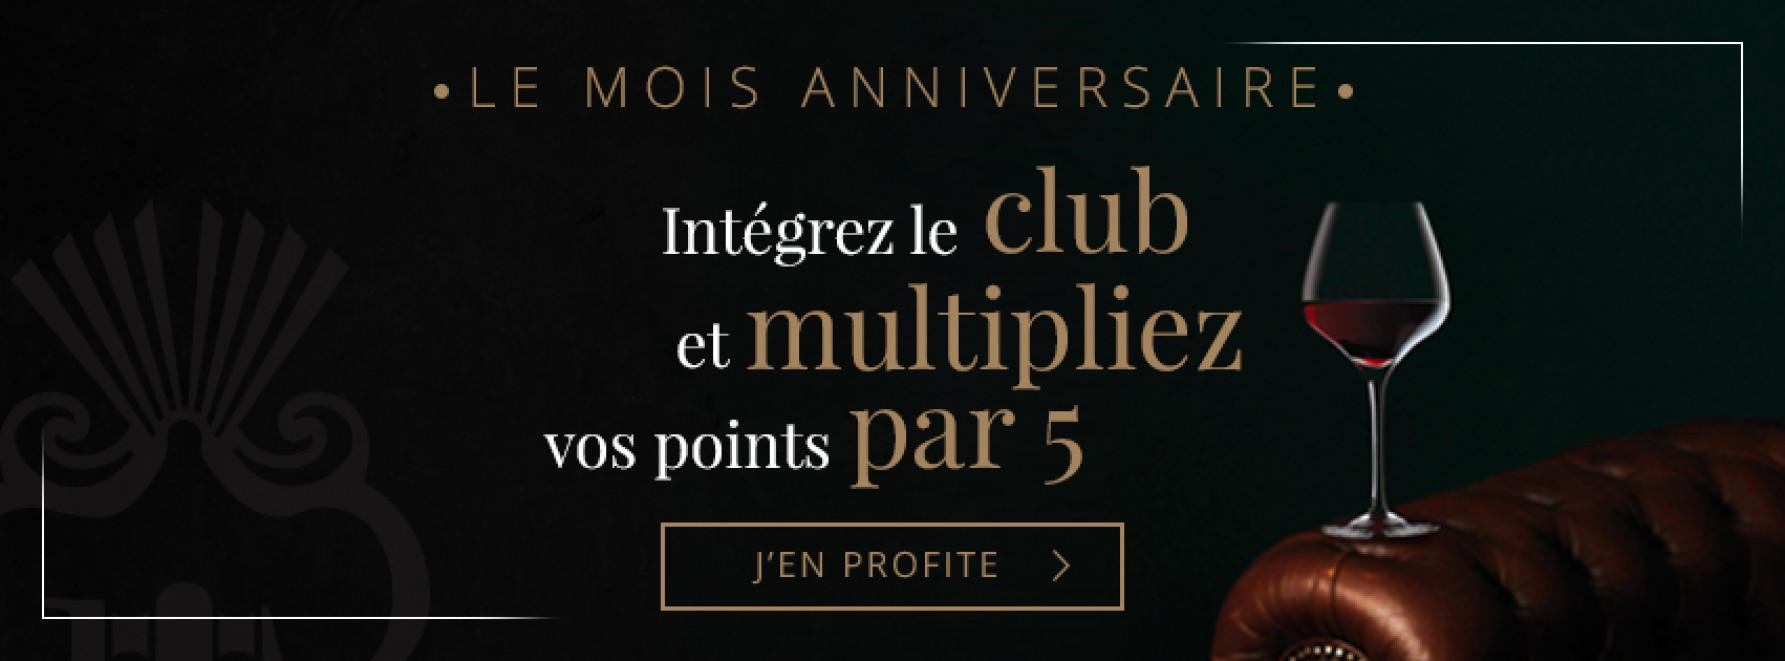 Mois Anniversaire  : points Club multipliés par 5